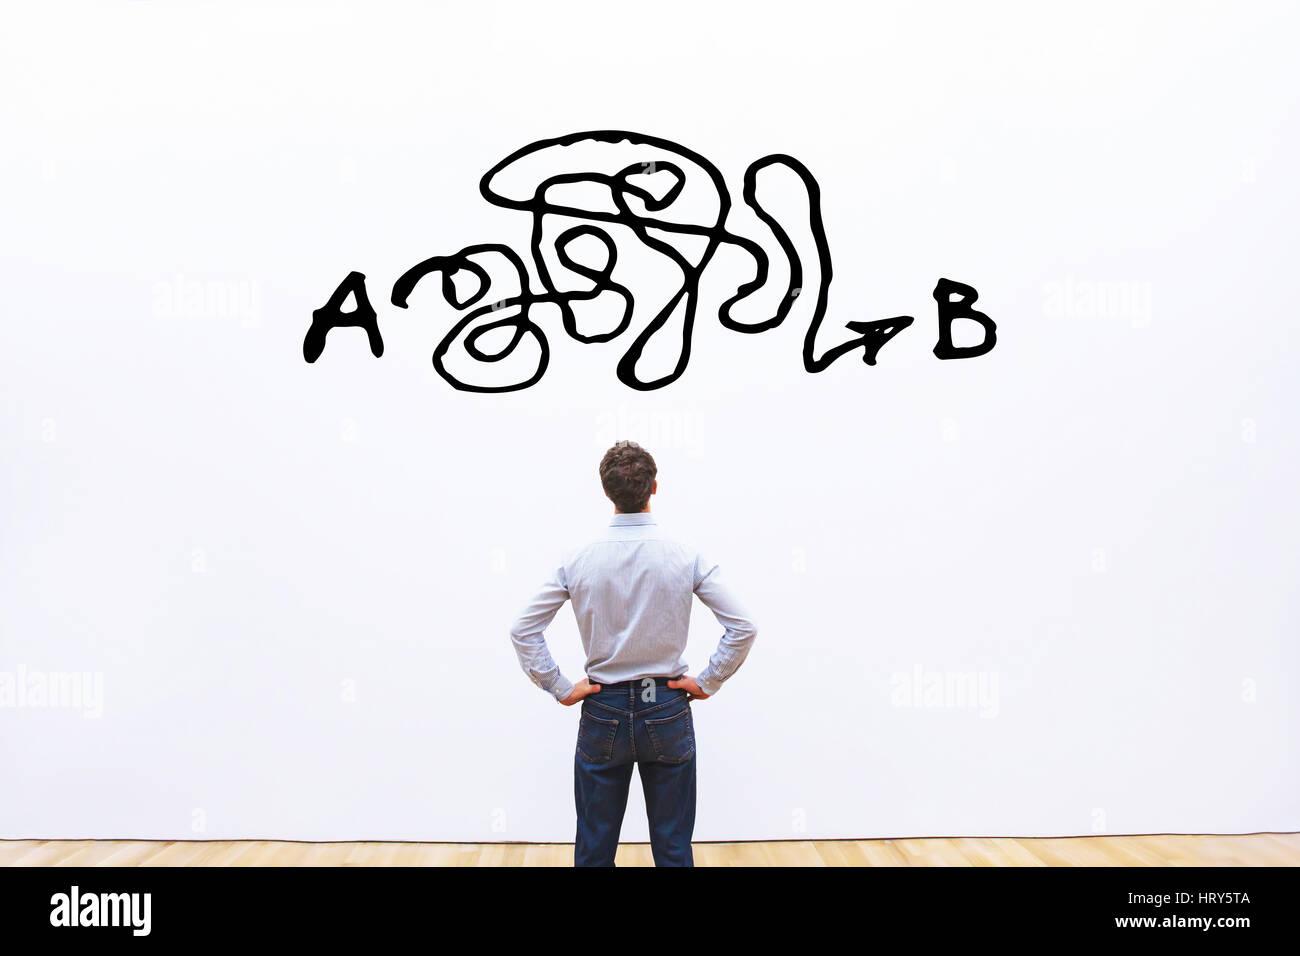 Problemlösung, komplizierte Lösung von Punkt A zu Punkt B, Idee oder Kreativität Geschäftskonzept, Ärger machen Stockfoto